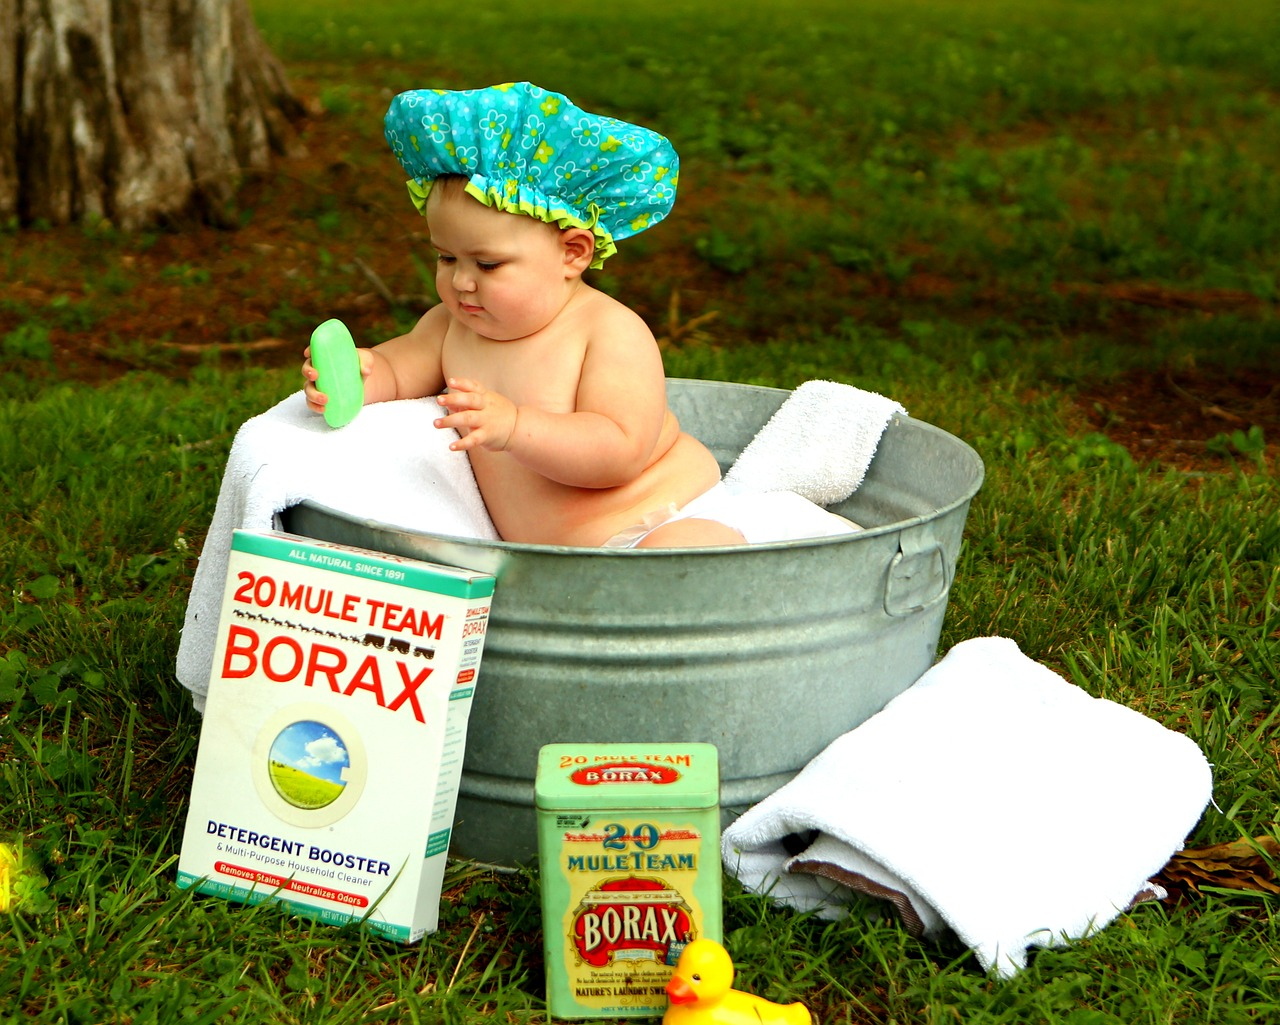 赤ちゃんの肌はデリケート!低刺激石鹸での顔の洗い方や注意点とは